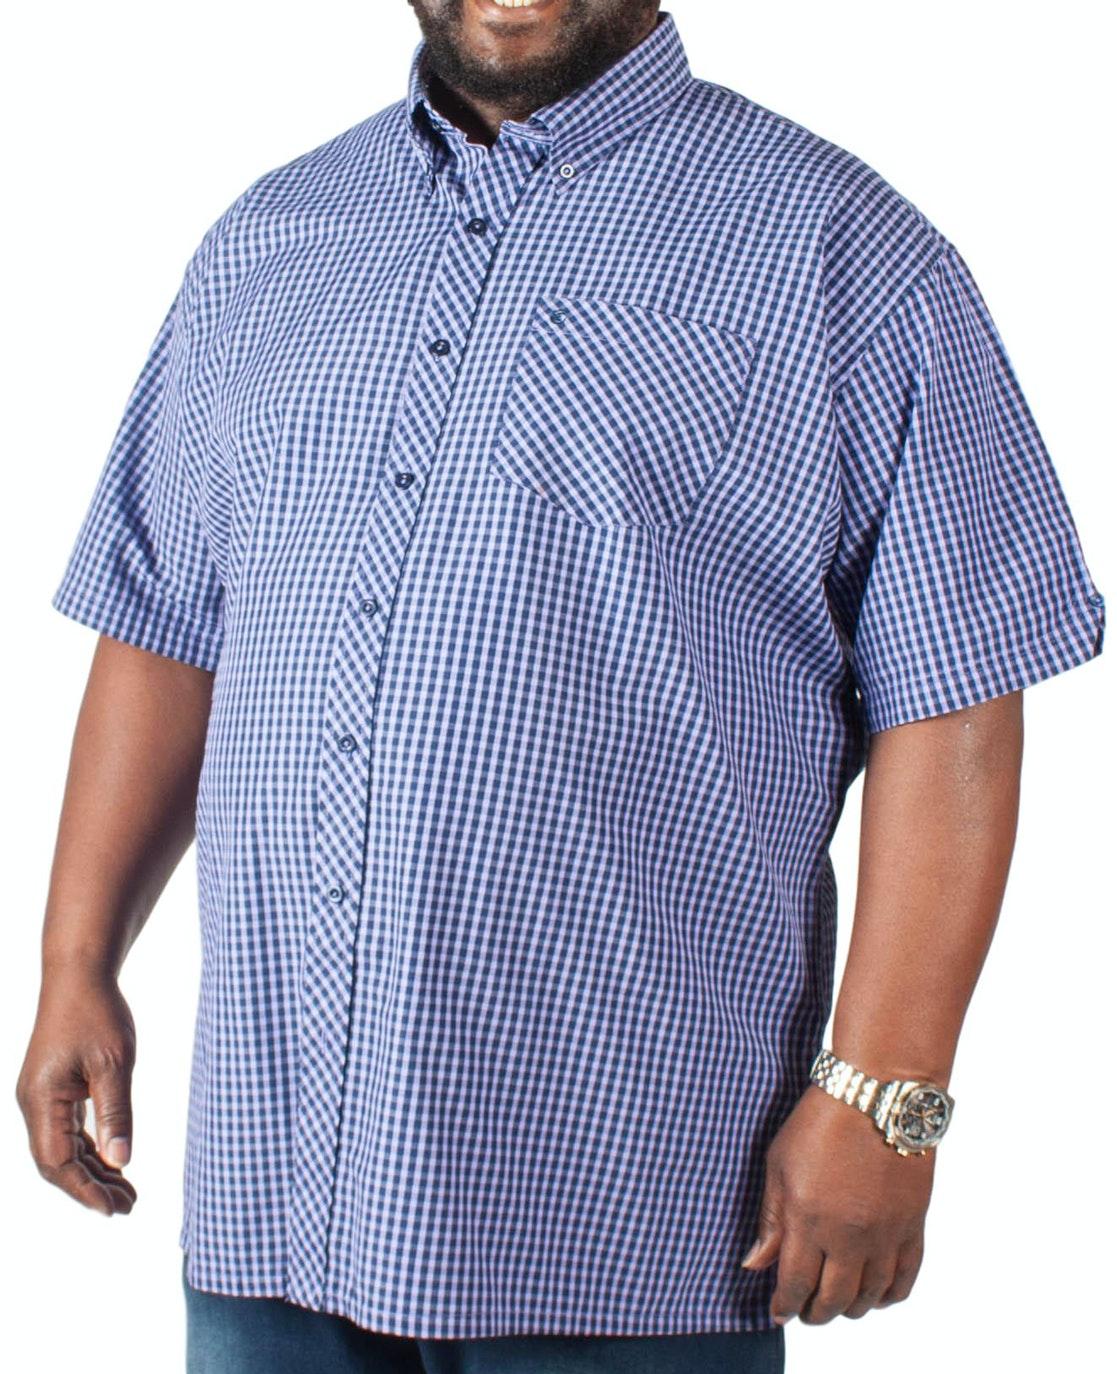 Espionage Short Sleeve Gingham Shirt Lilac/Navy